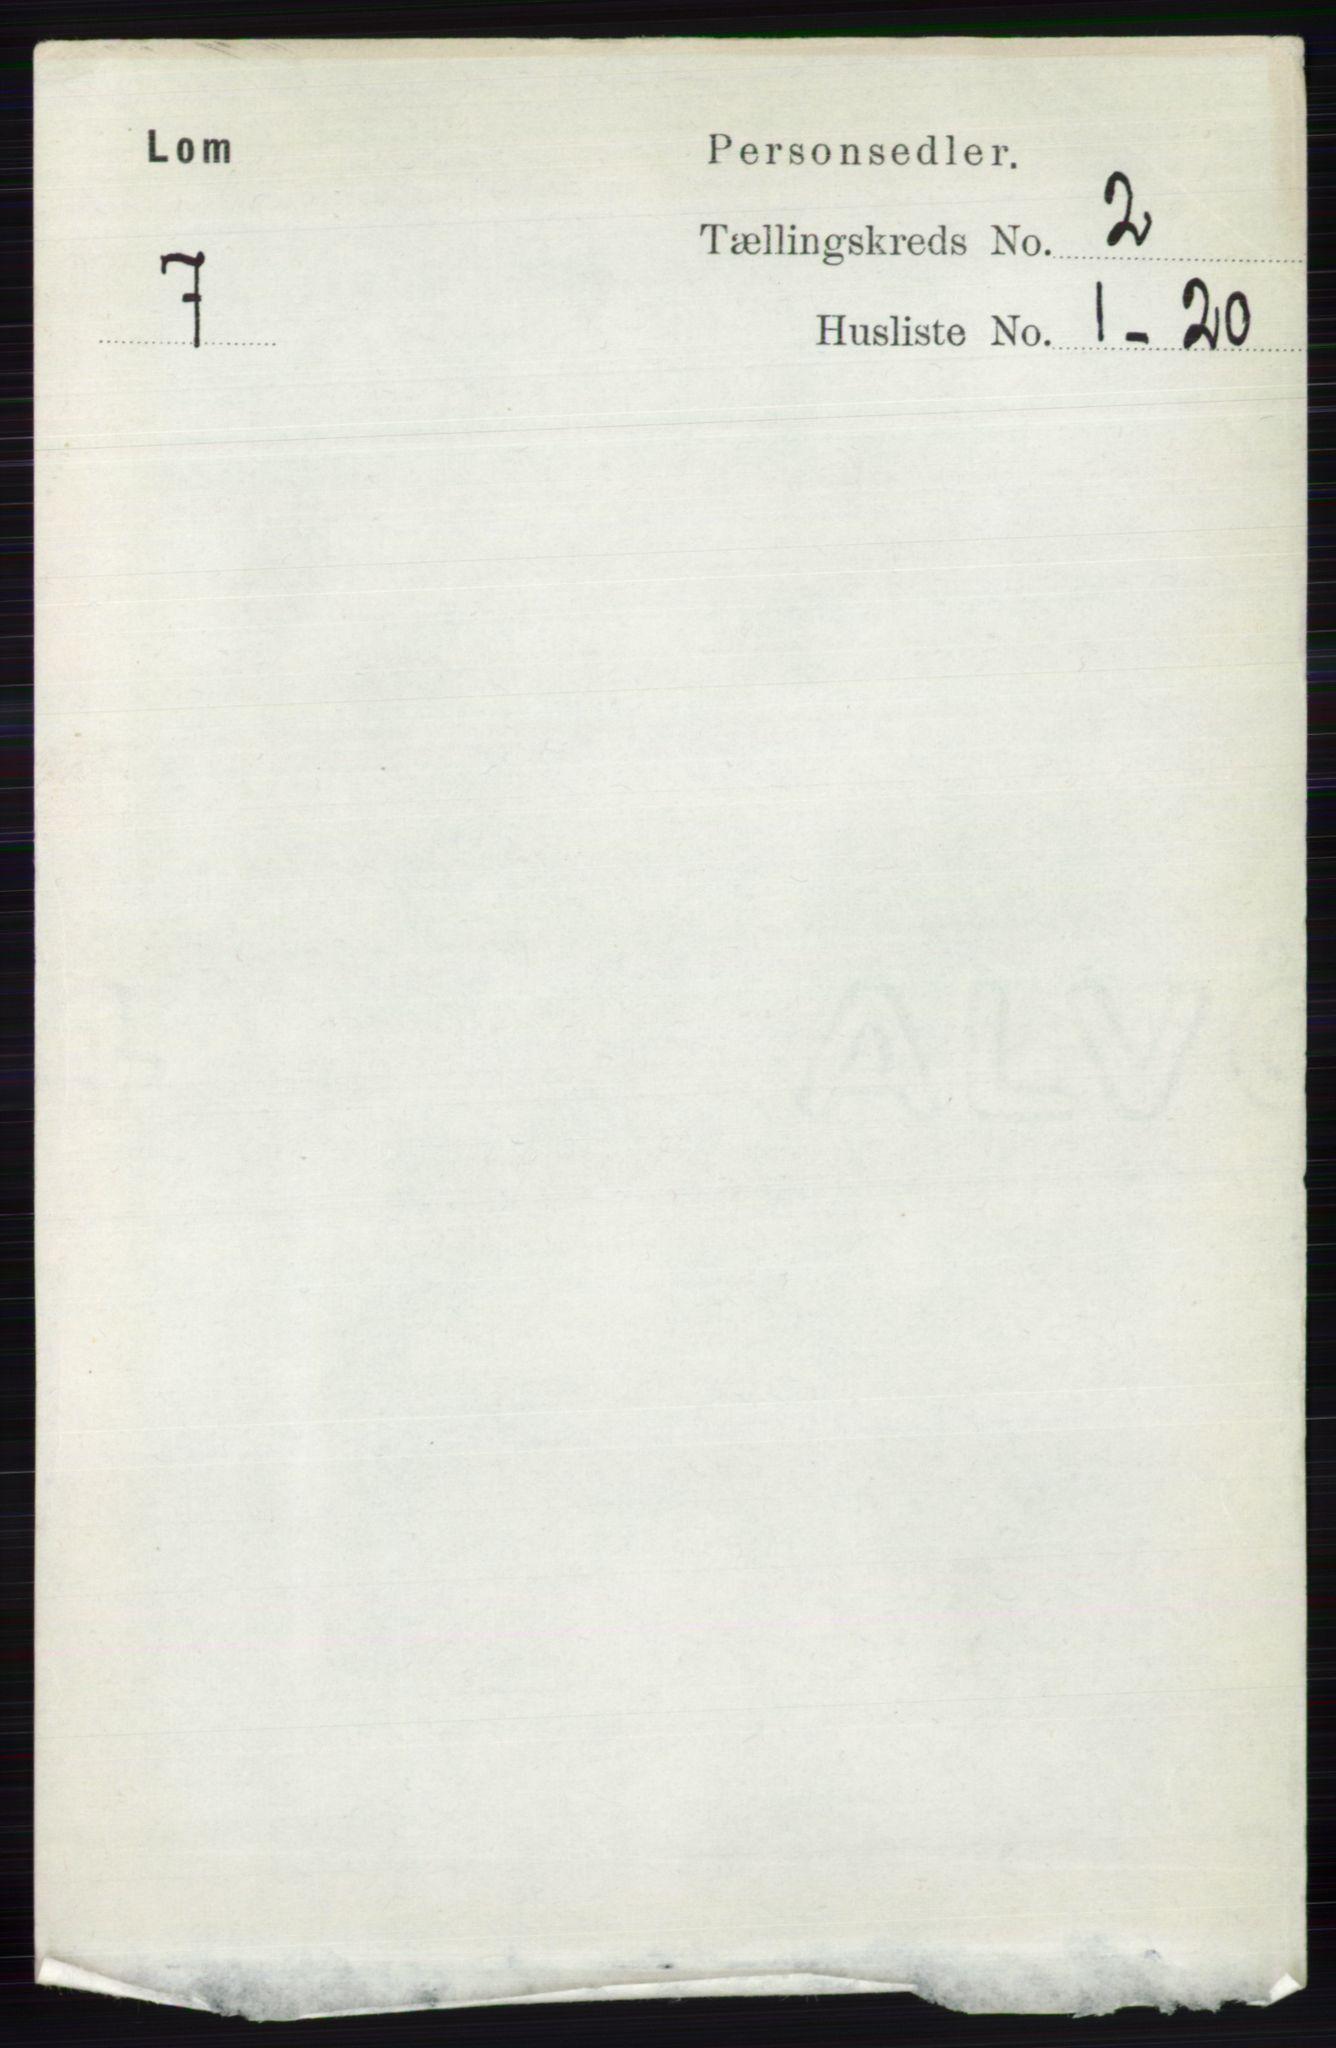 RA, Folketelling 1891 for 0514 Lom herred, 1891, s. 784